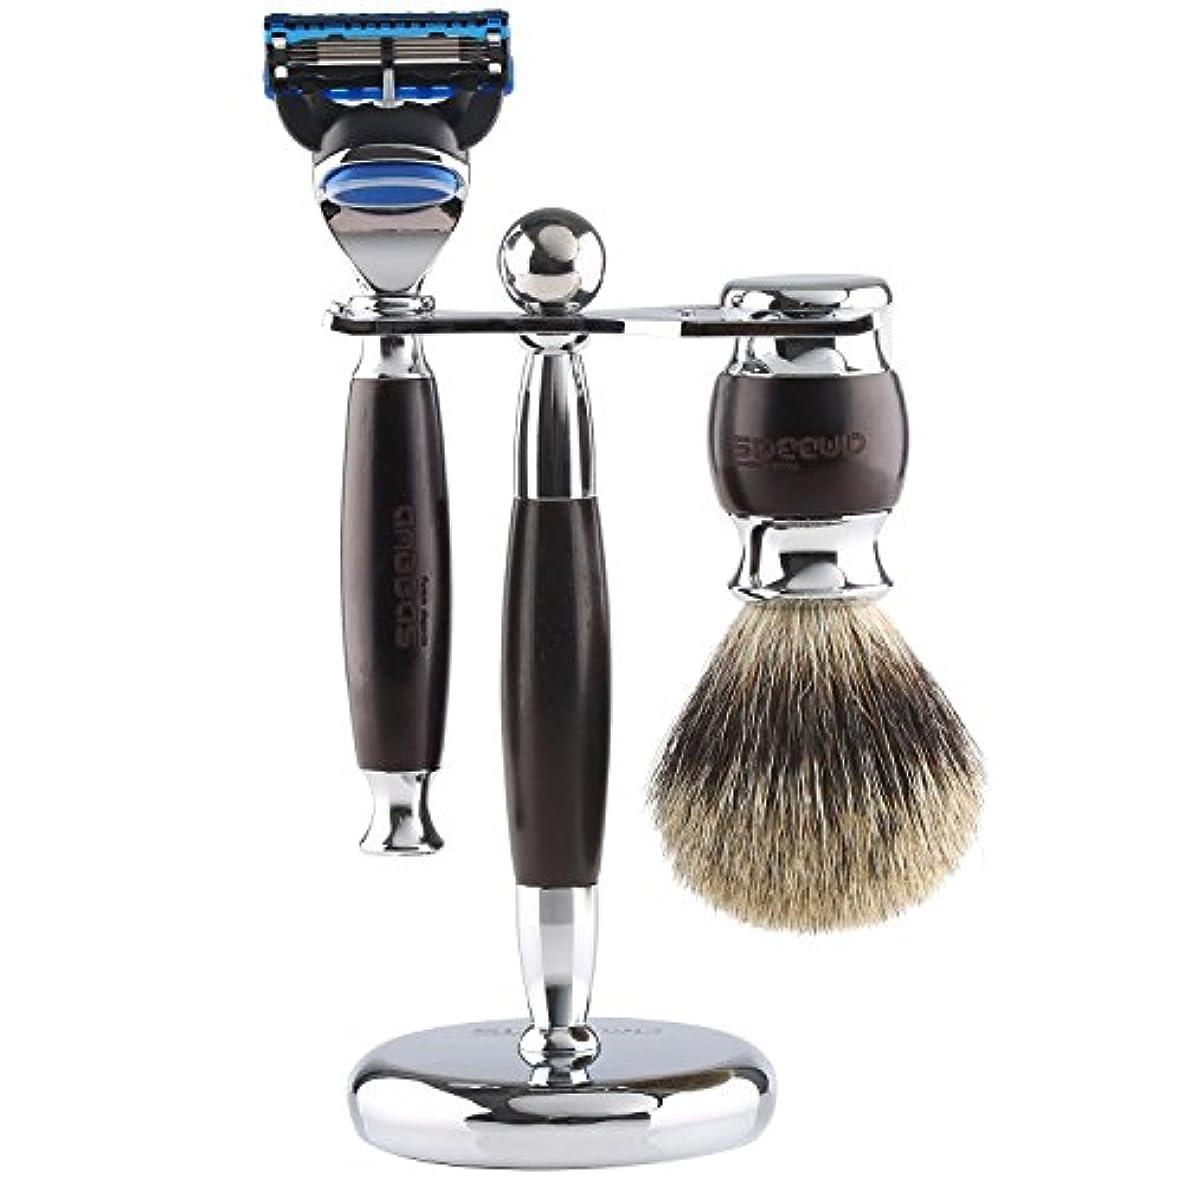 架空のアトミック言い換えるとEasy Raku®Anbbas 3in1 クラシックシェービングブラシセット 剃刀スタンド アナグマ毛シェービングブラシ シェービングカートリッジ 剃刀ハンドル メンズ